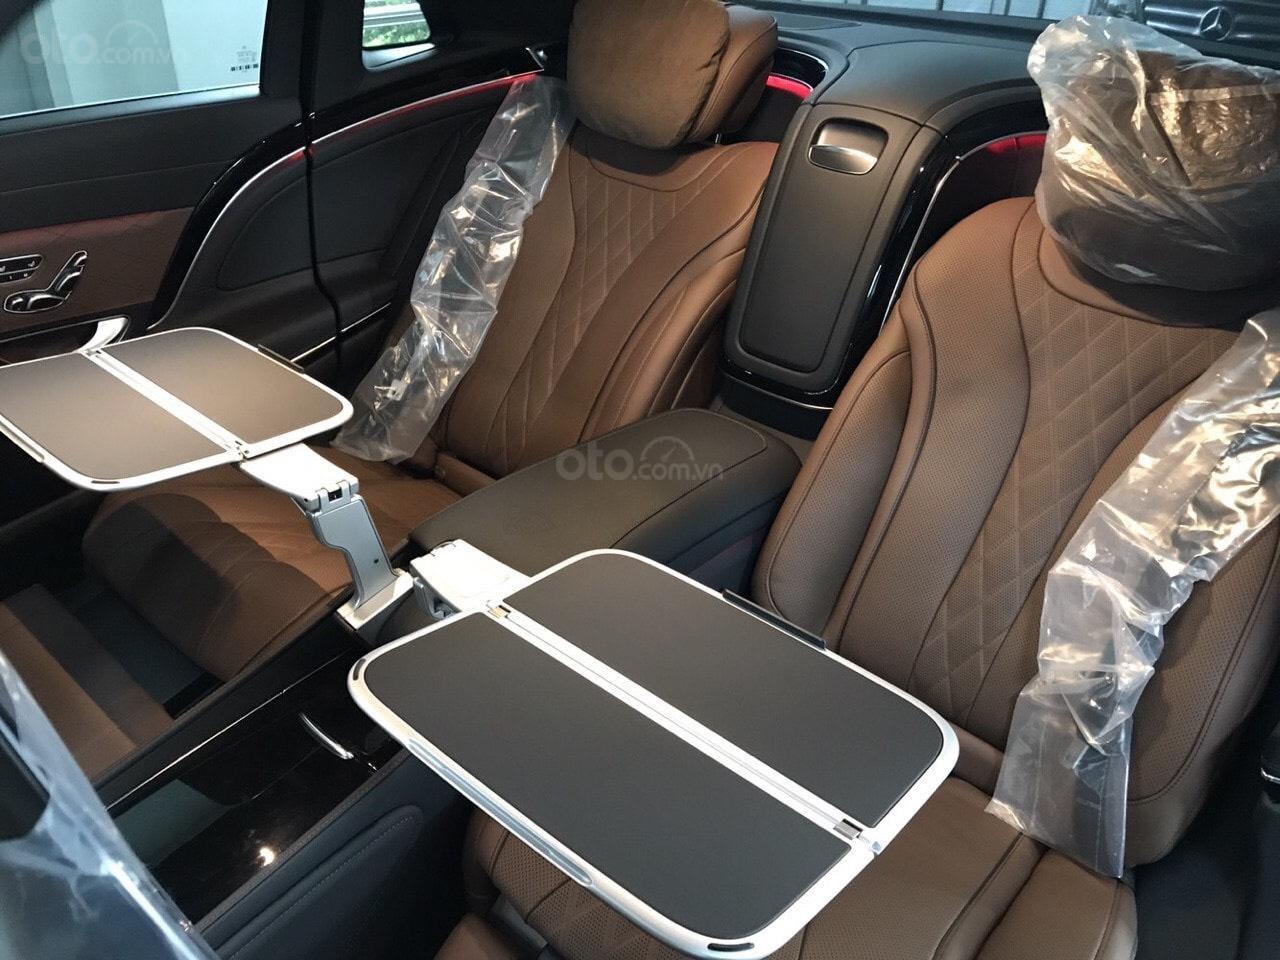 Bán Mercedes-Maybach S450 2020 hoàn toàn mới, galang mới, xe giao ngay tháng 02/2020 (12)